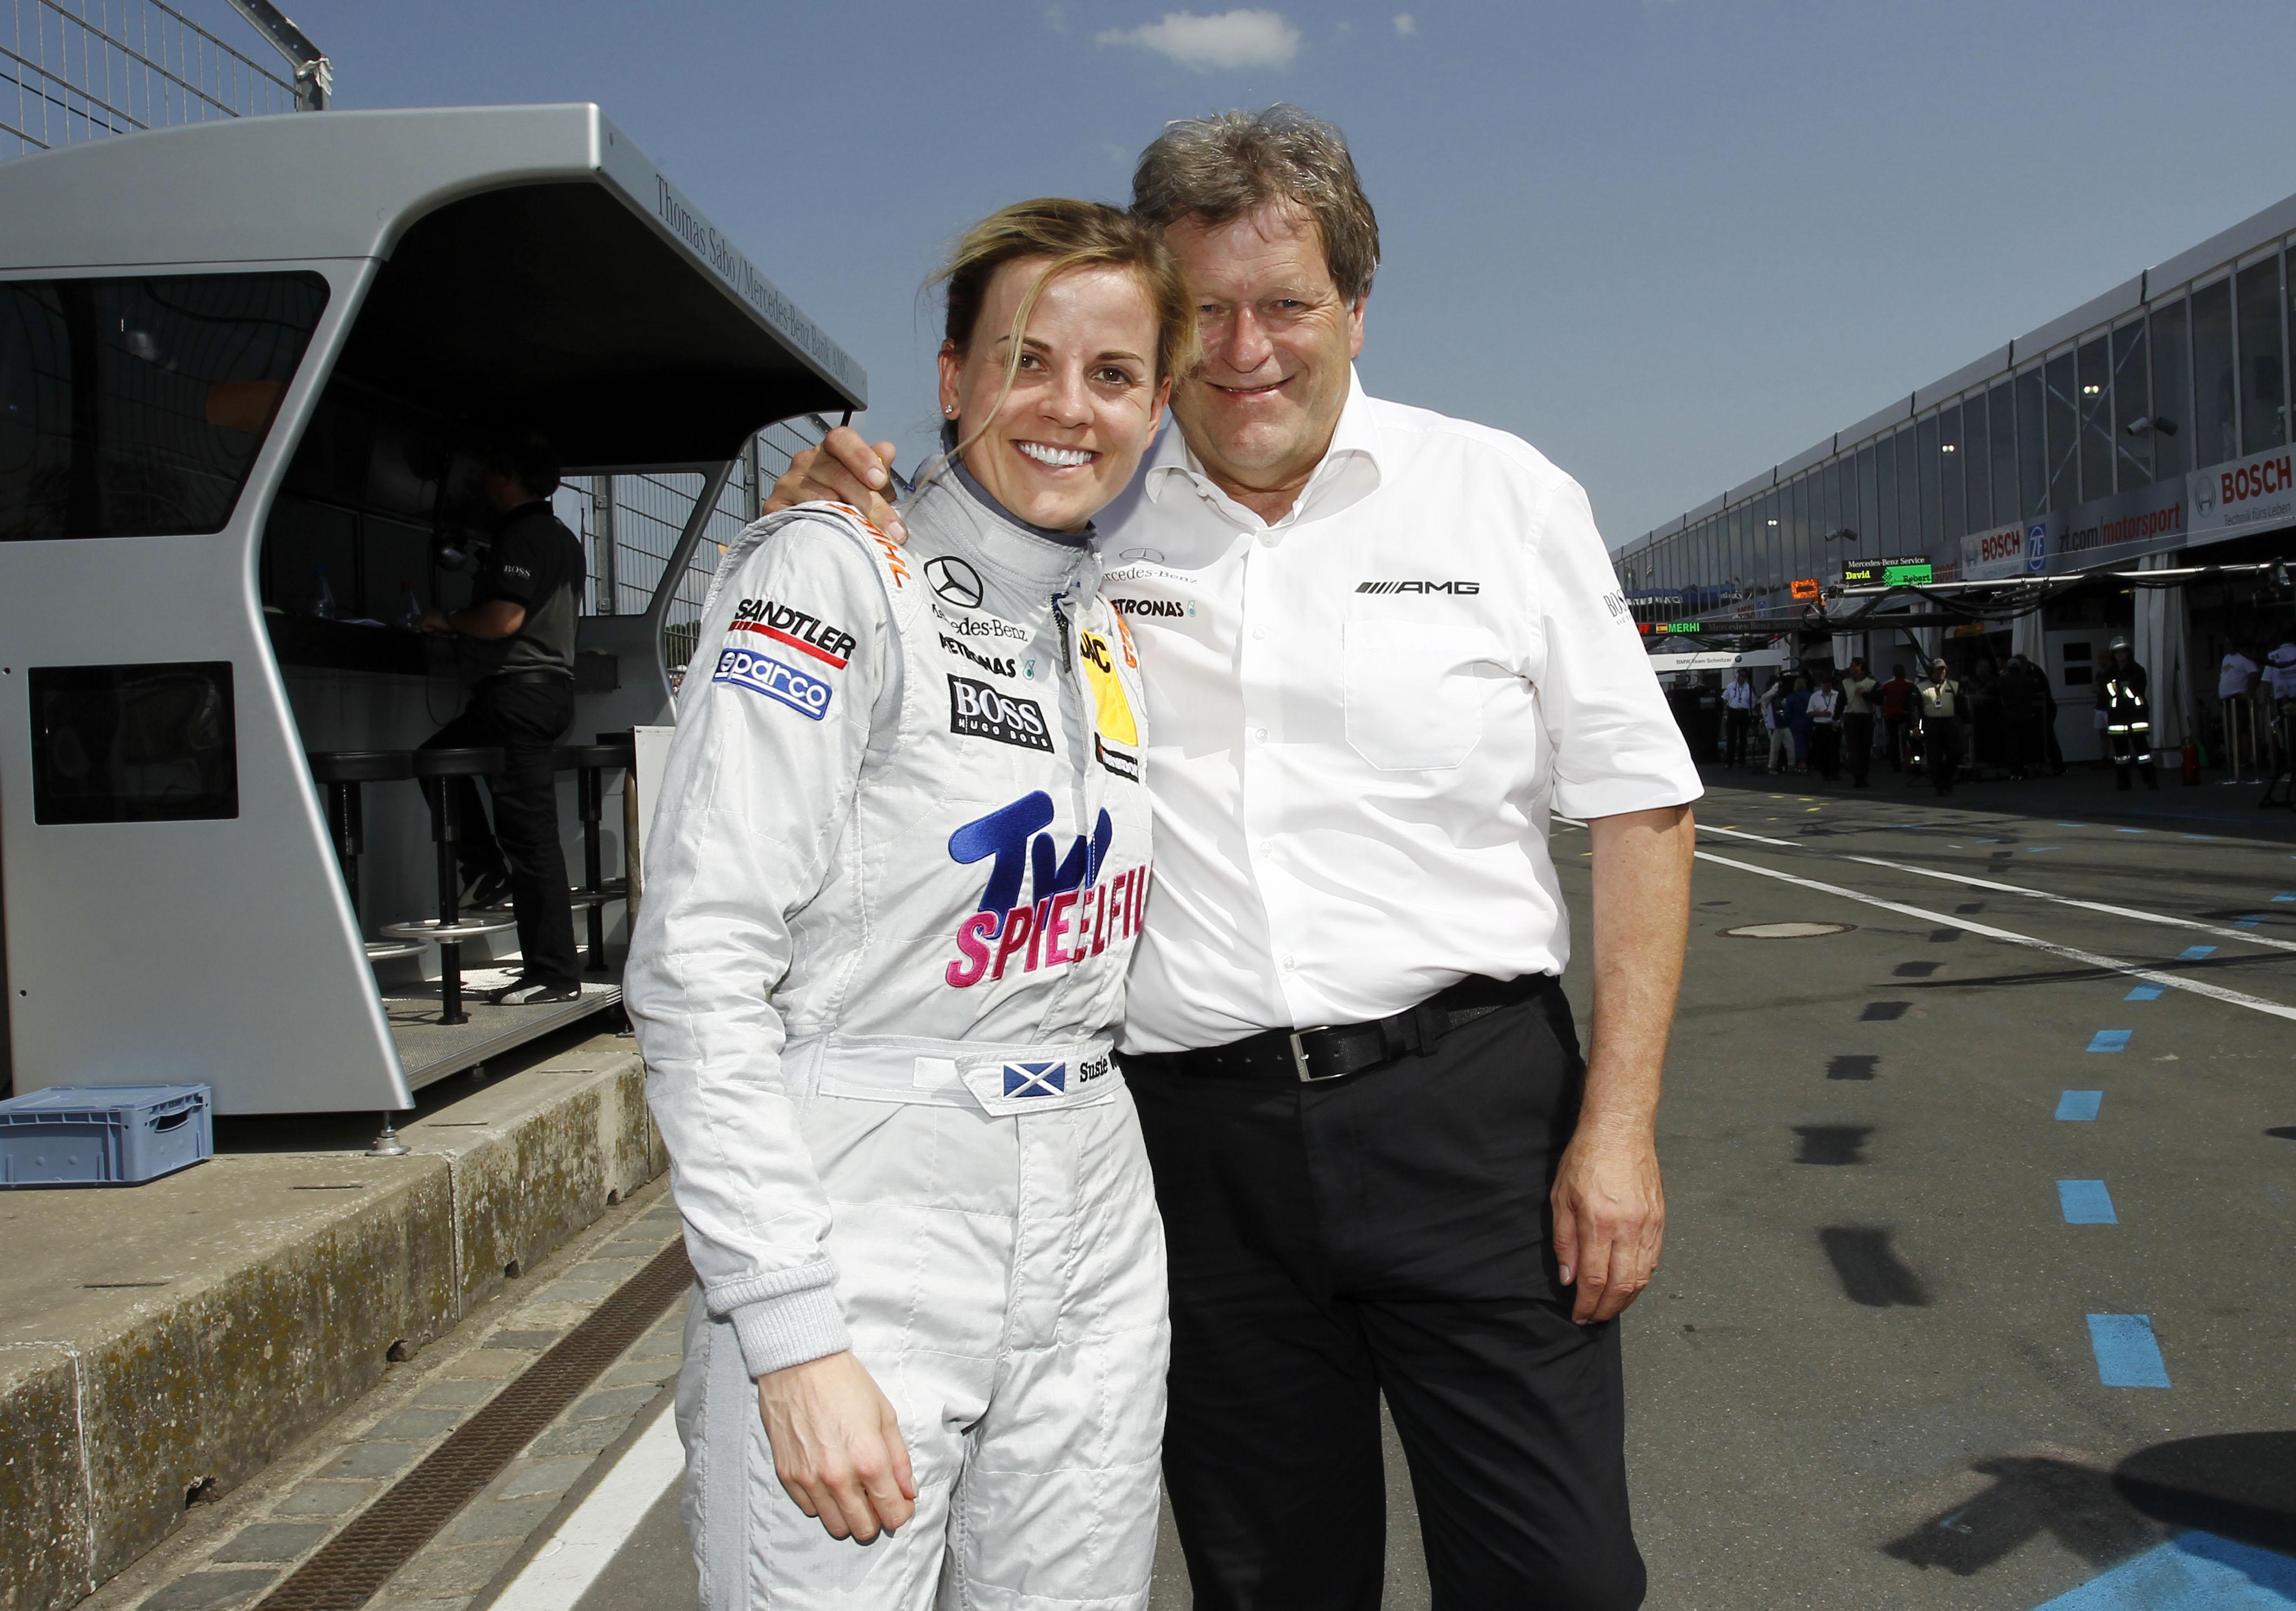 #24 Susie Wolff, Persson Motorsport, TV Spielfilm Mercedes AMG C-Coupé (2012)